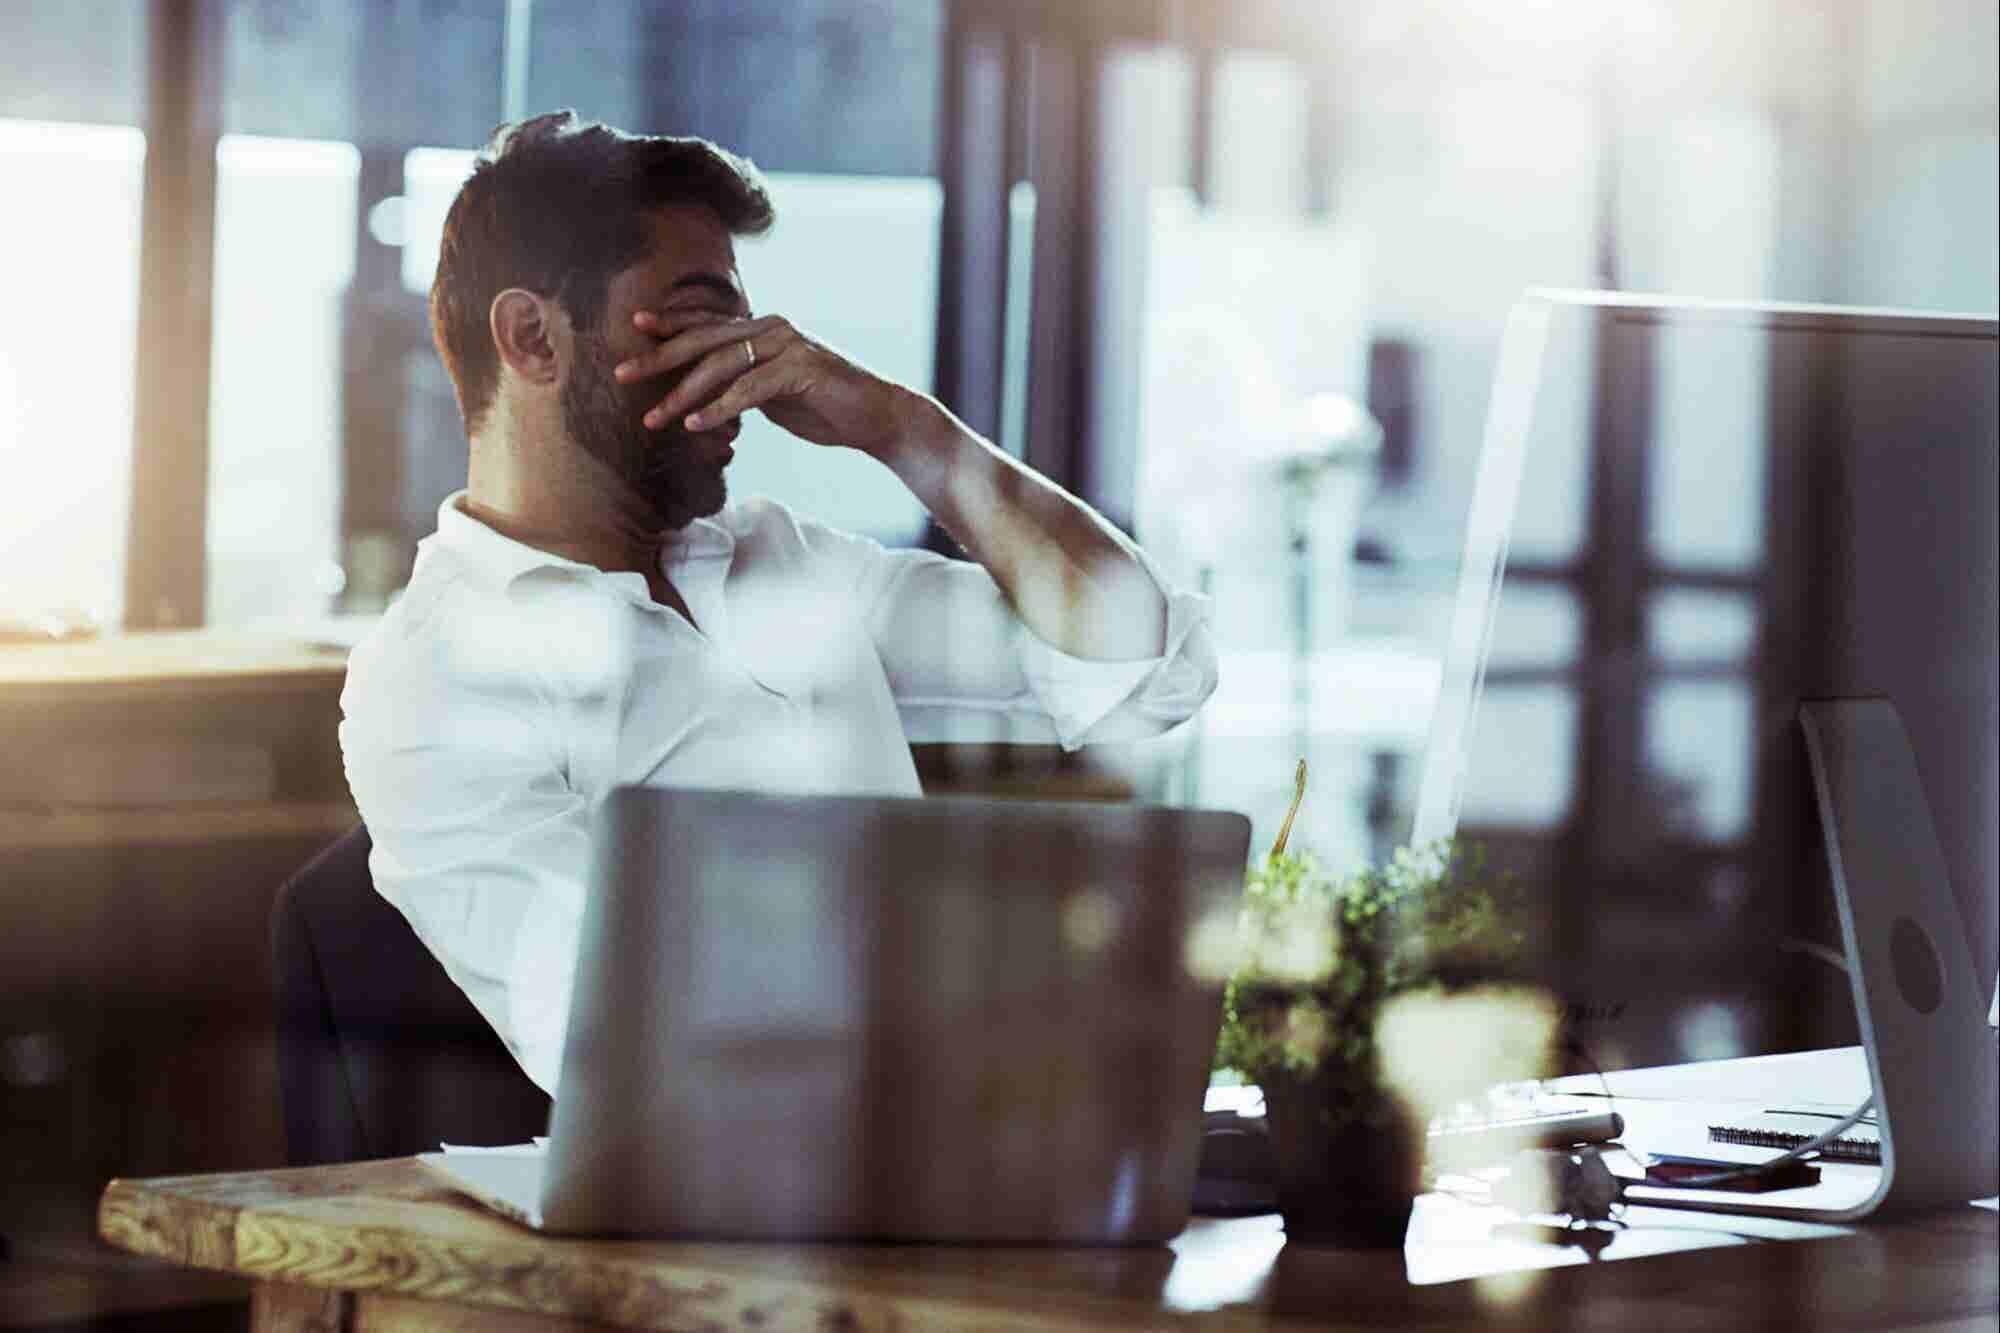 Mis grandes fracasos me costaron mi reputación y mi negocio. Aquí lo que aprendí (y cómo regresé al ruedo)